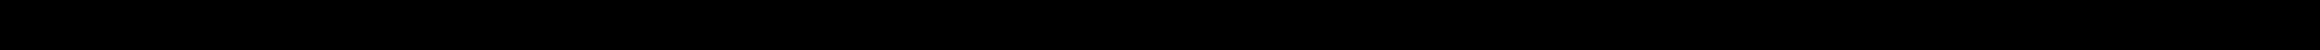 BOSCH 7 204 753, MK456173, 958.606.651.00, 3C0 906 651, 958 606 651 00 Vezérlőegység, karbamid befecskendezés